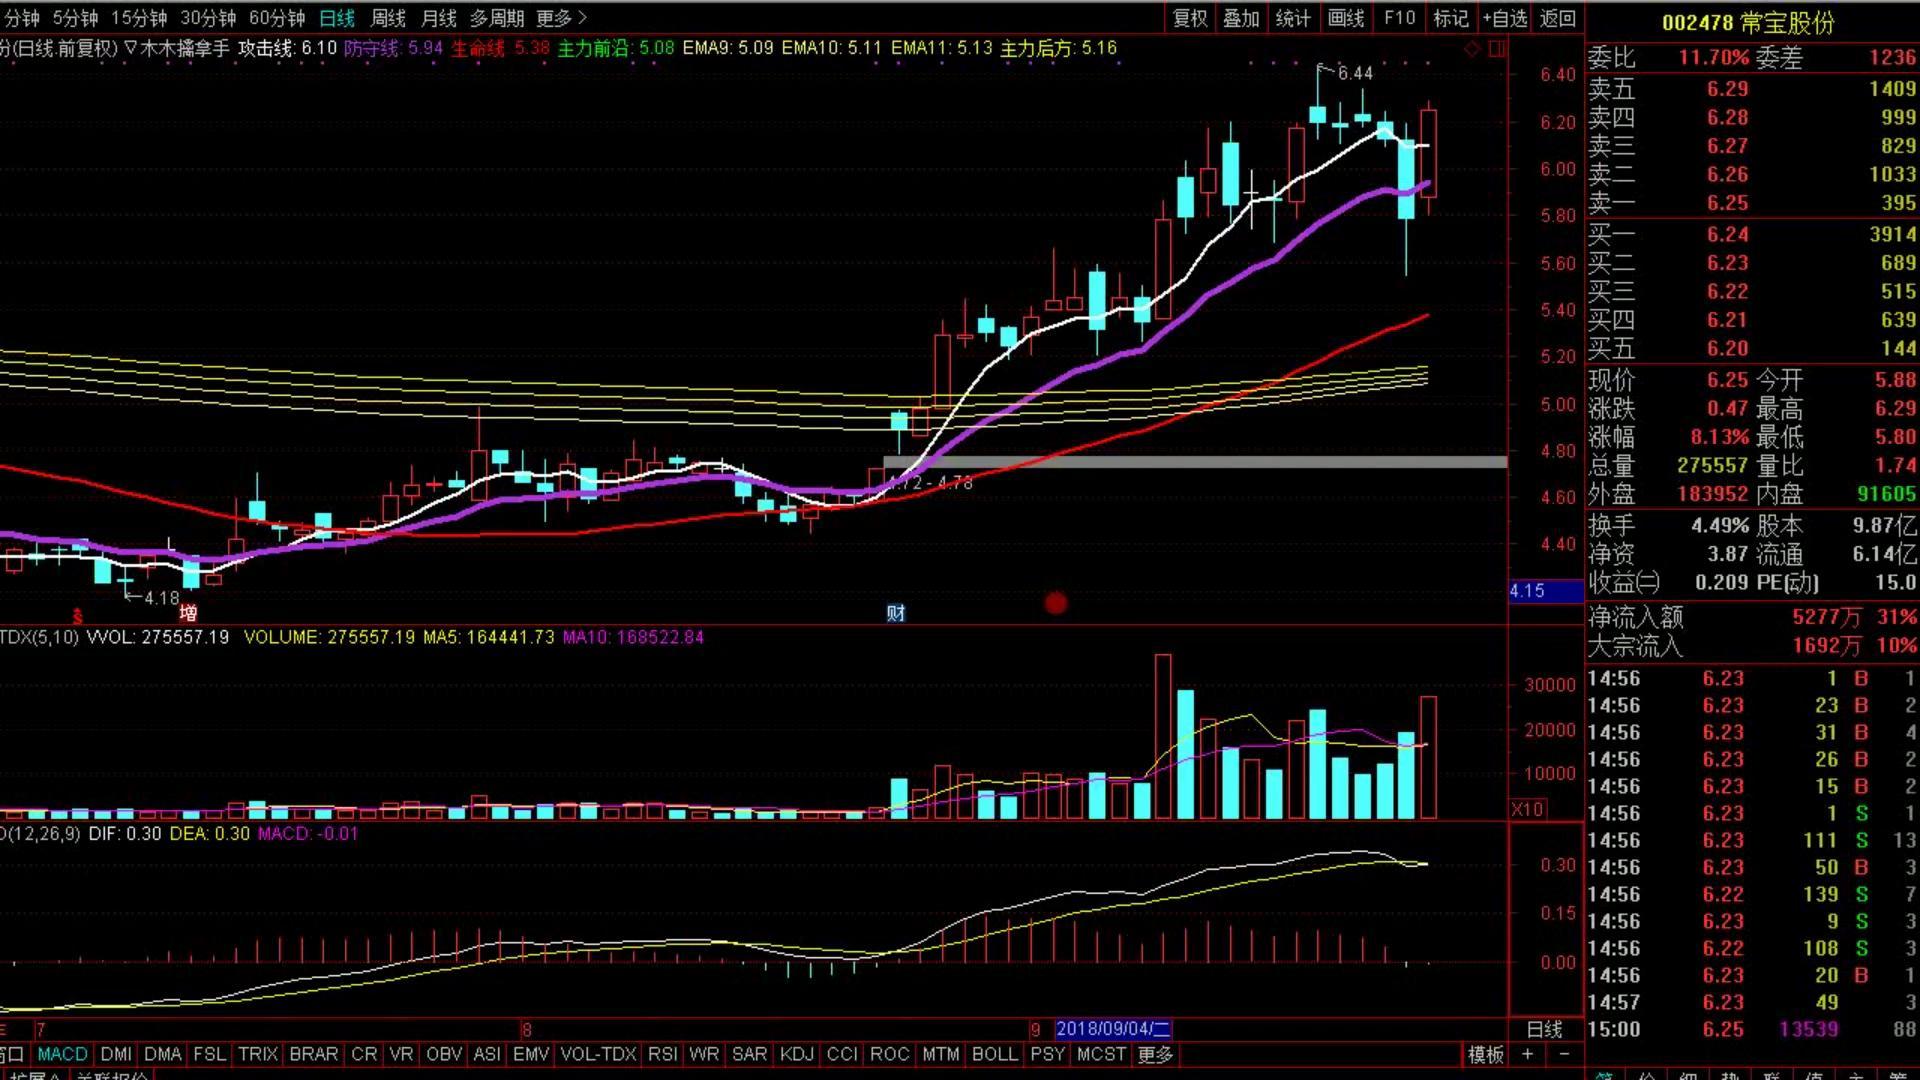 股票短线操作技巧 股票神秘盘口语言 (4)